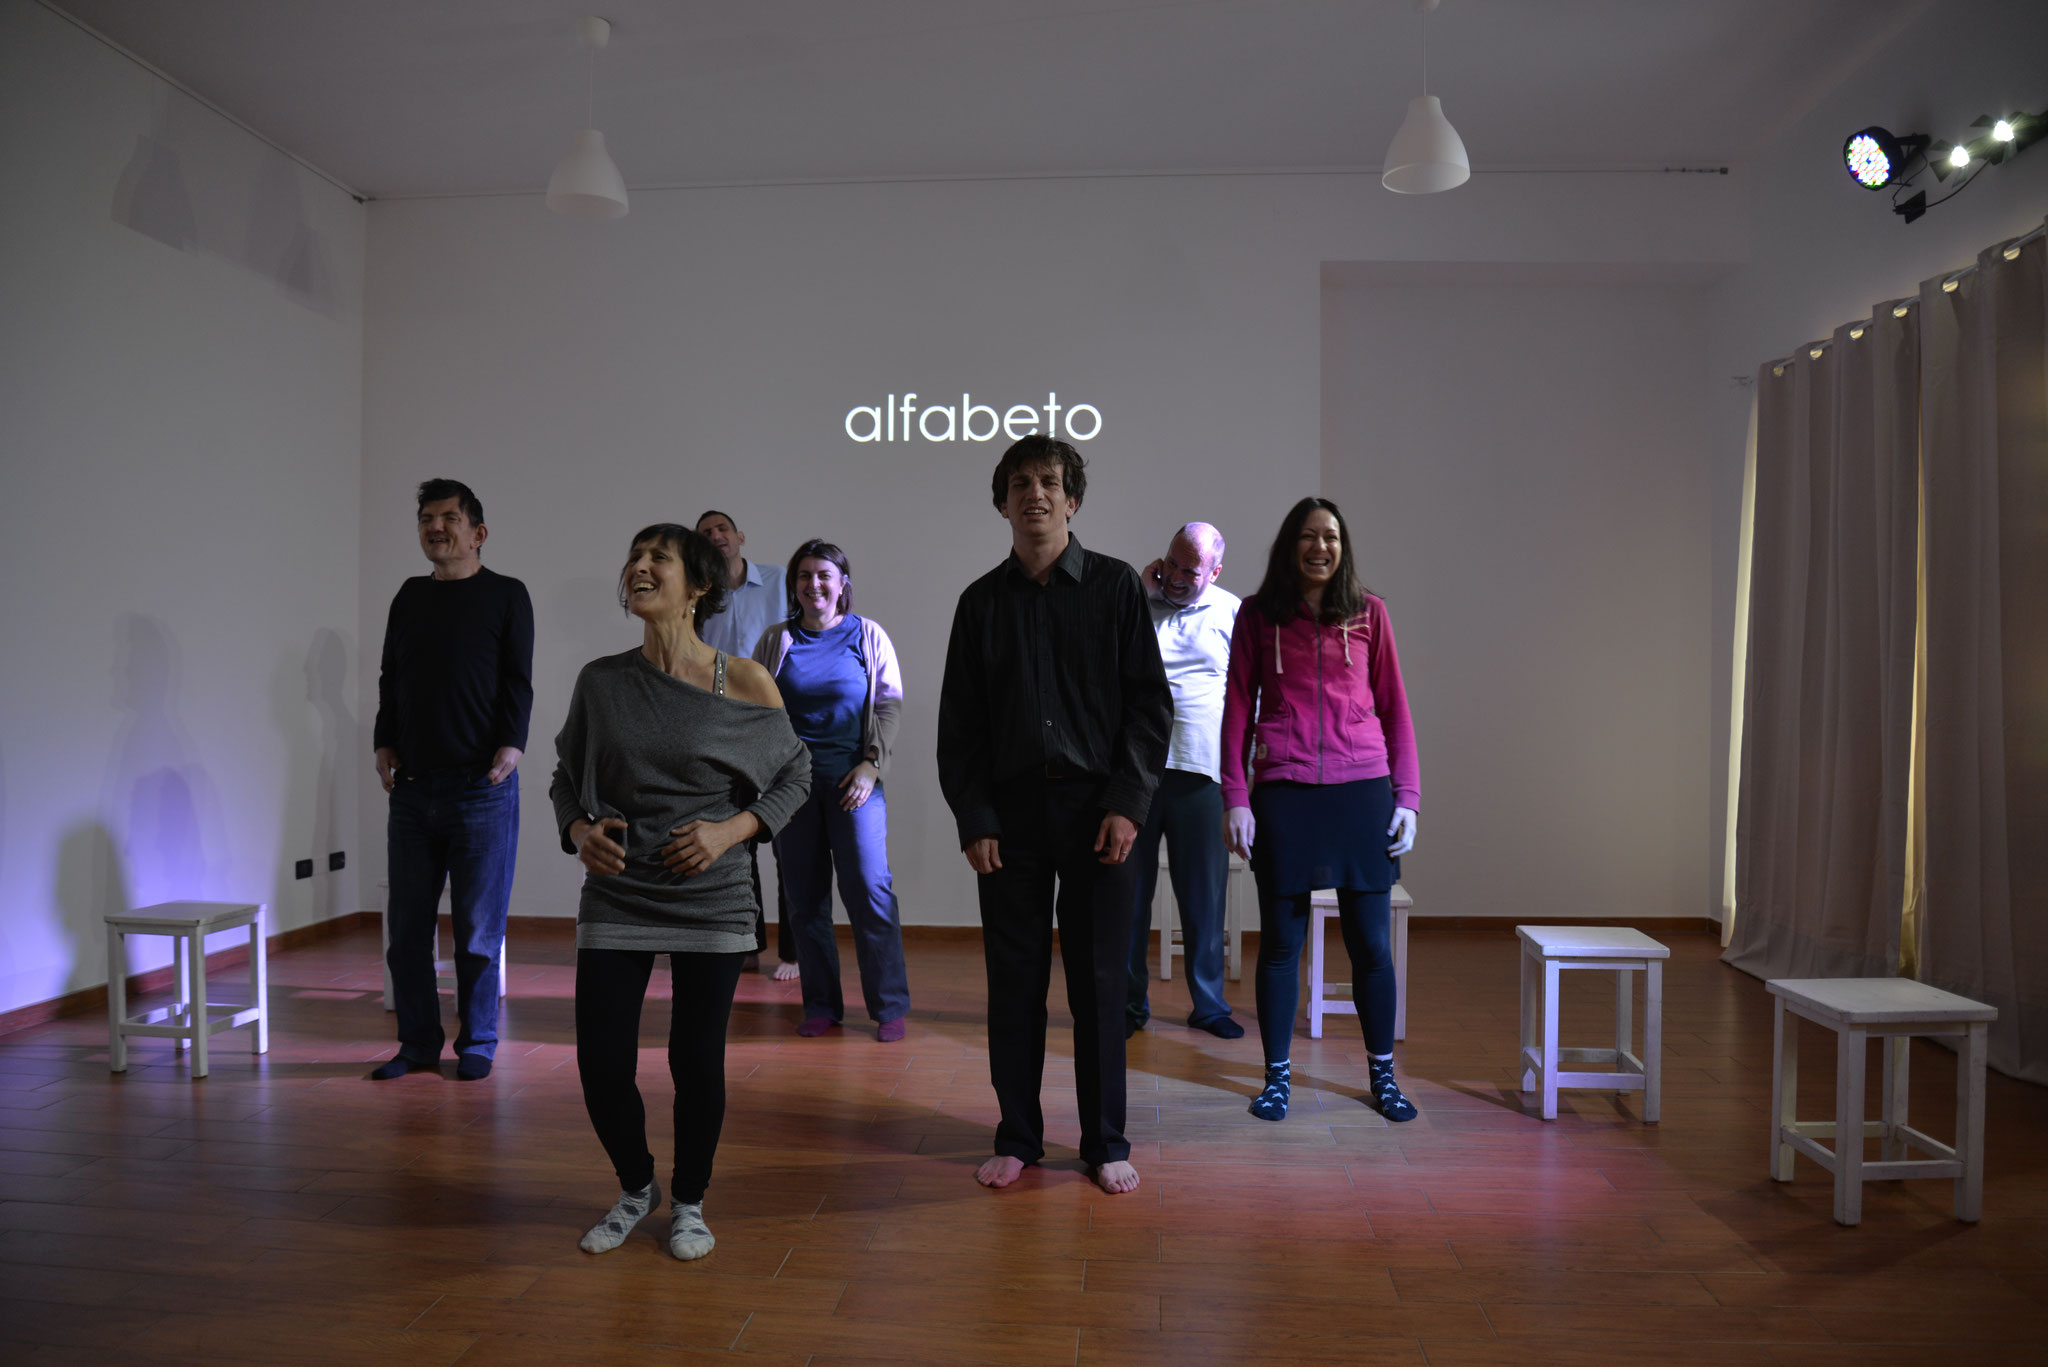 Foto di Marco Iacuaniello - Performance ALFABETO di TRIBALICO 2016